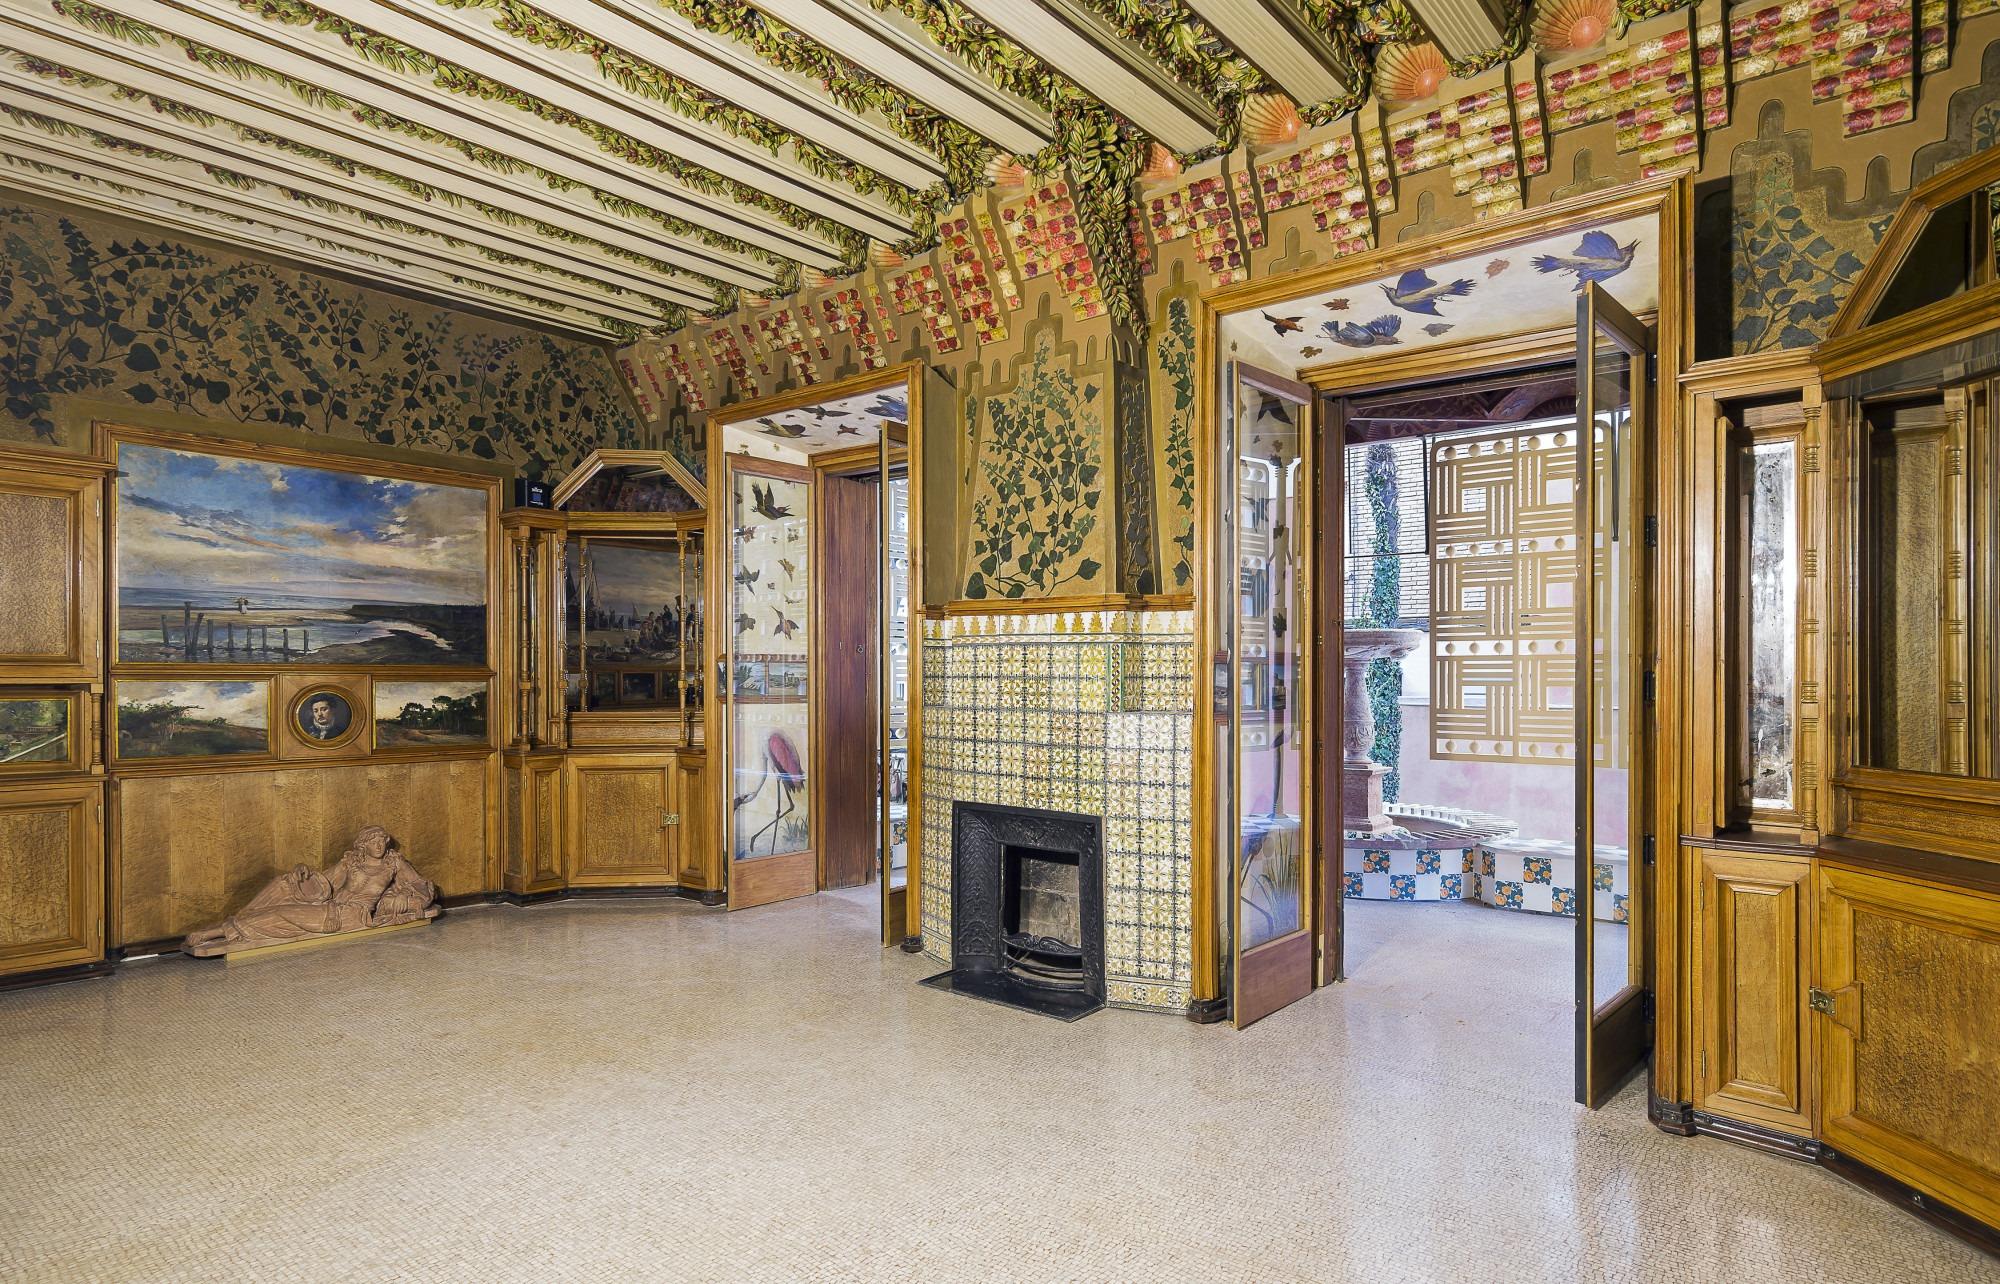 Casa Vicens/Pol Viladoms